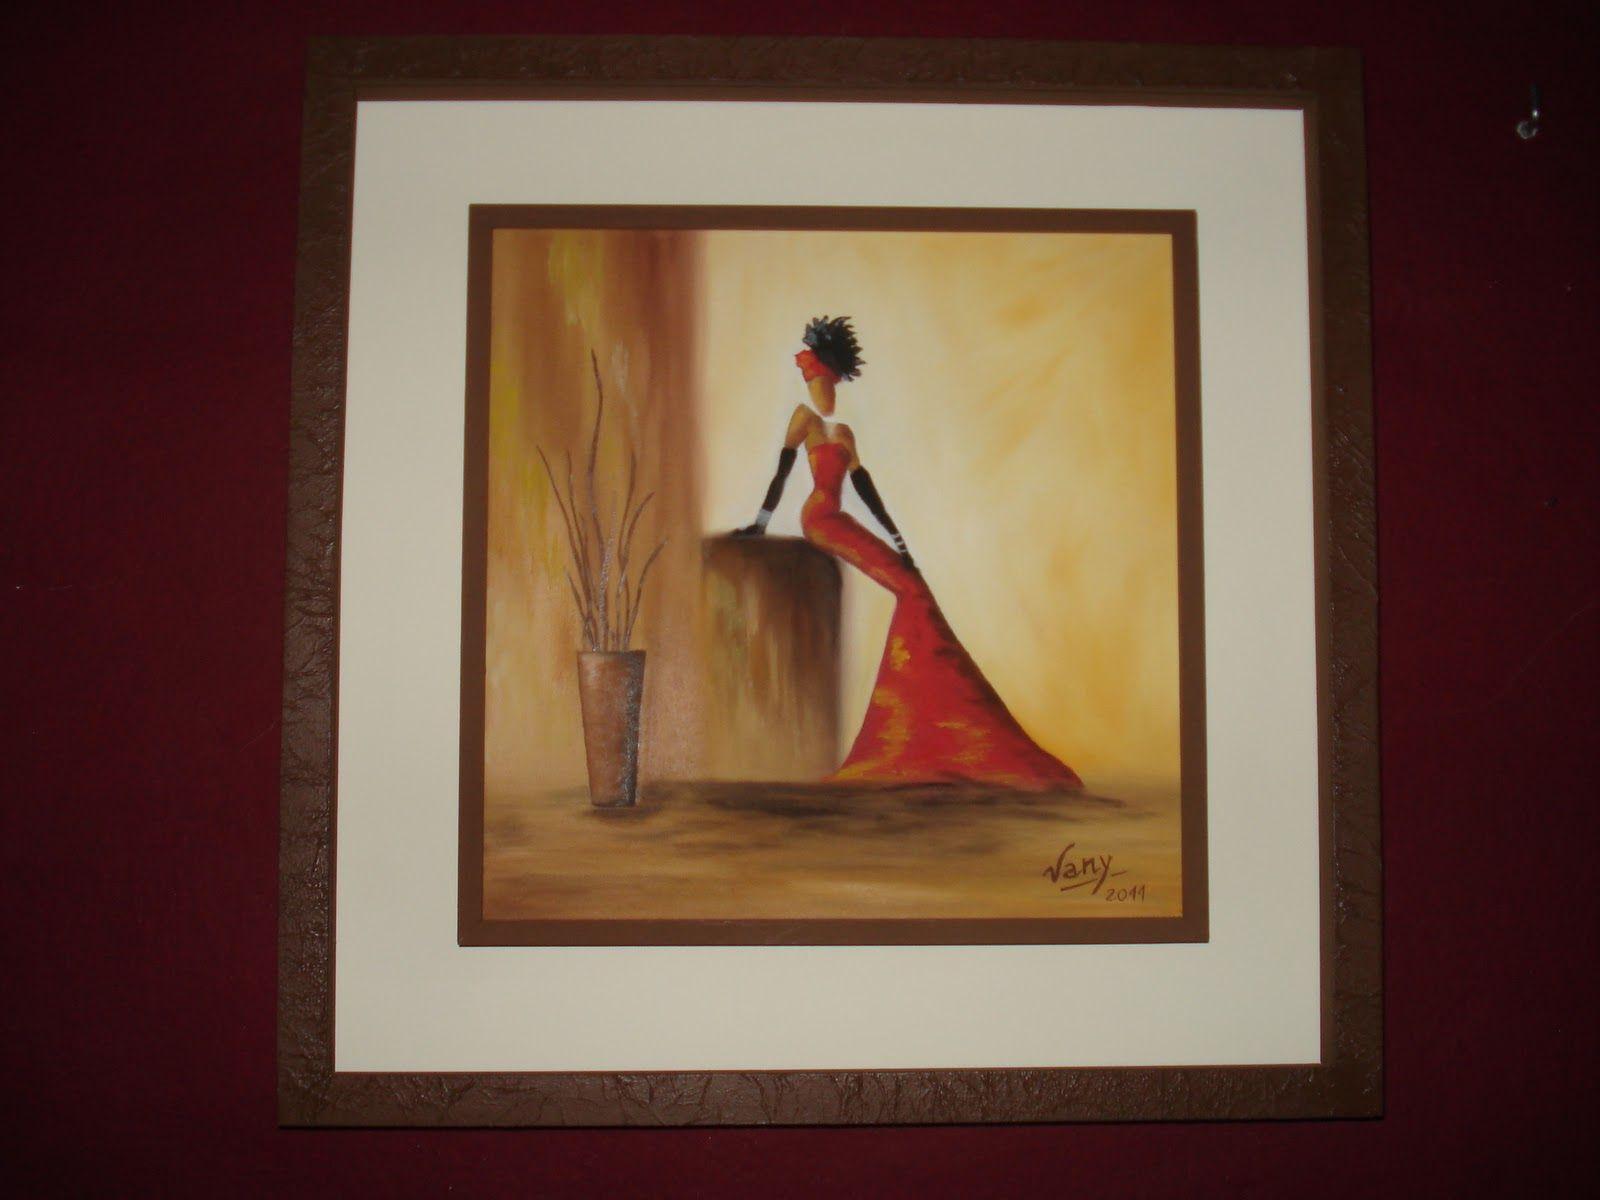 Vany africanas modernas cuadro de mujeres muy elegante - Cuadros muy modernos ...